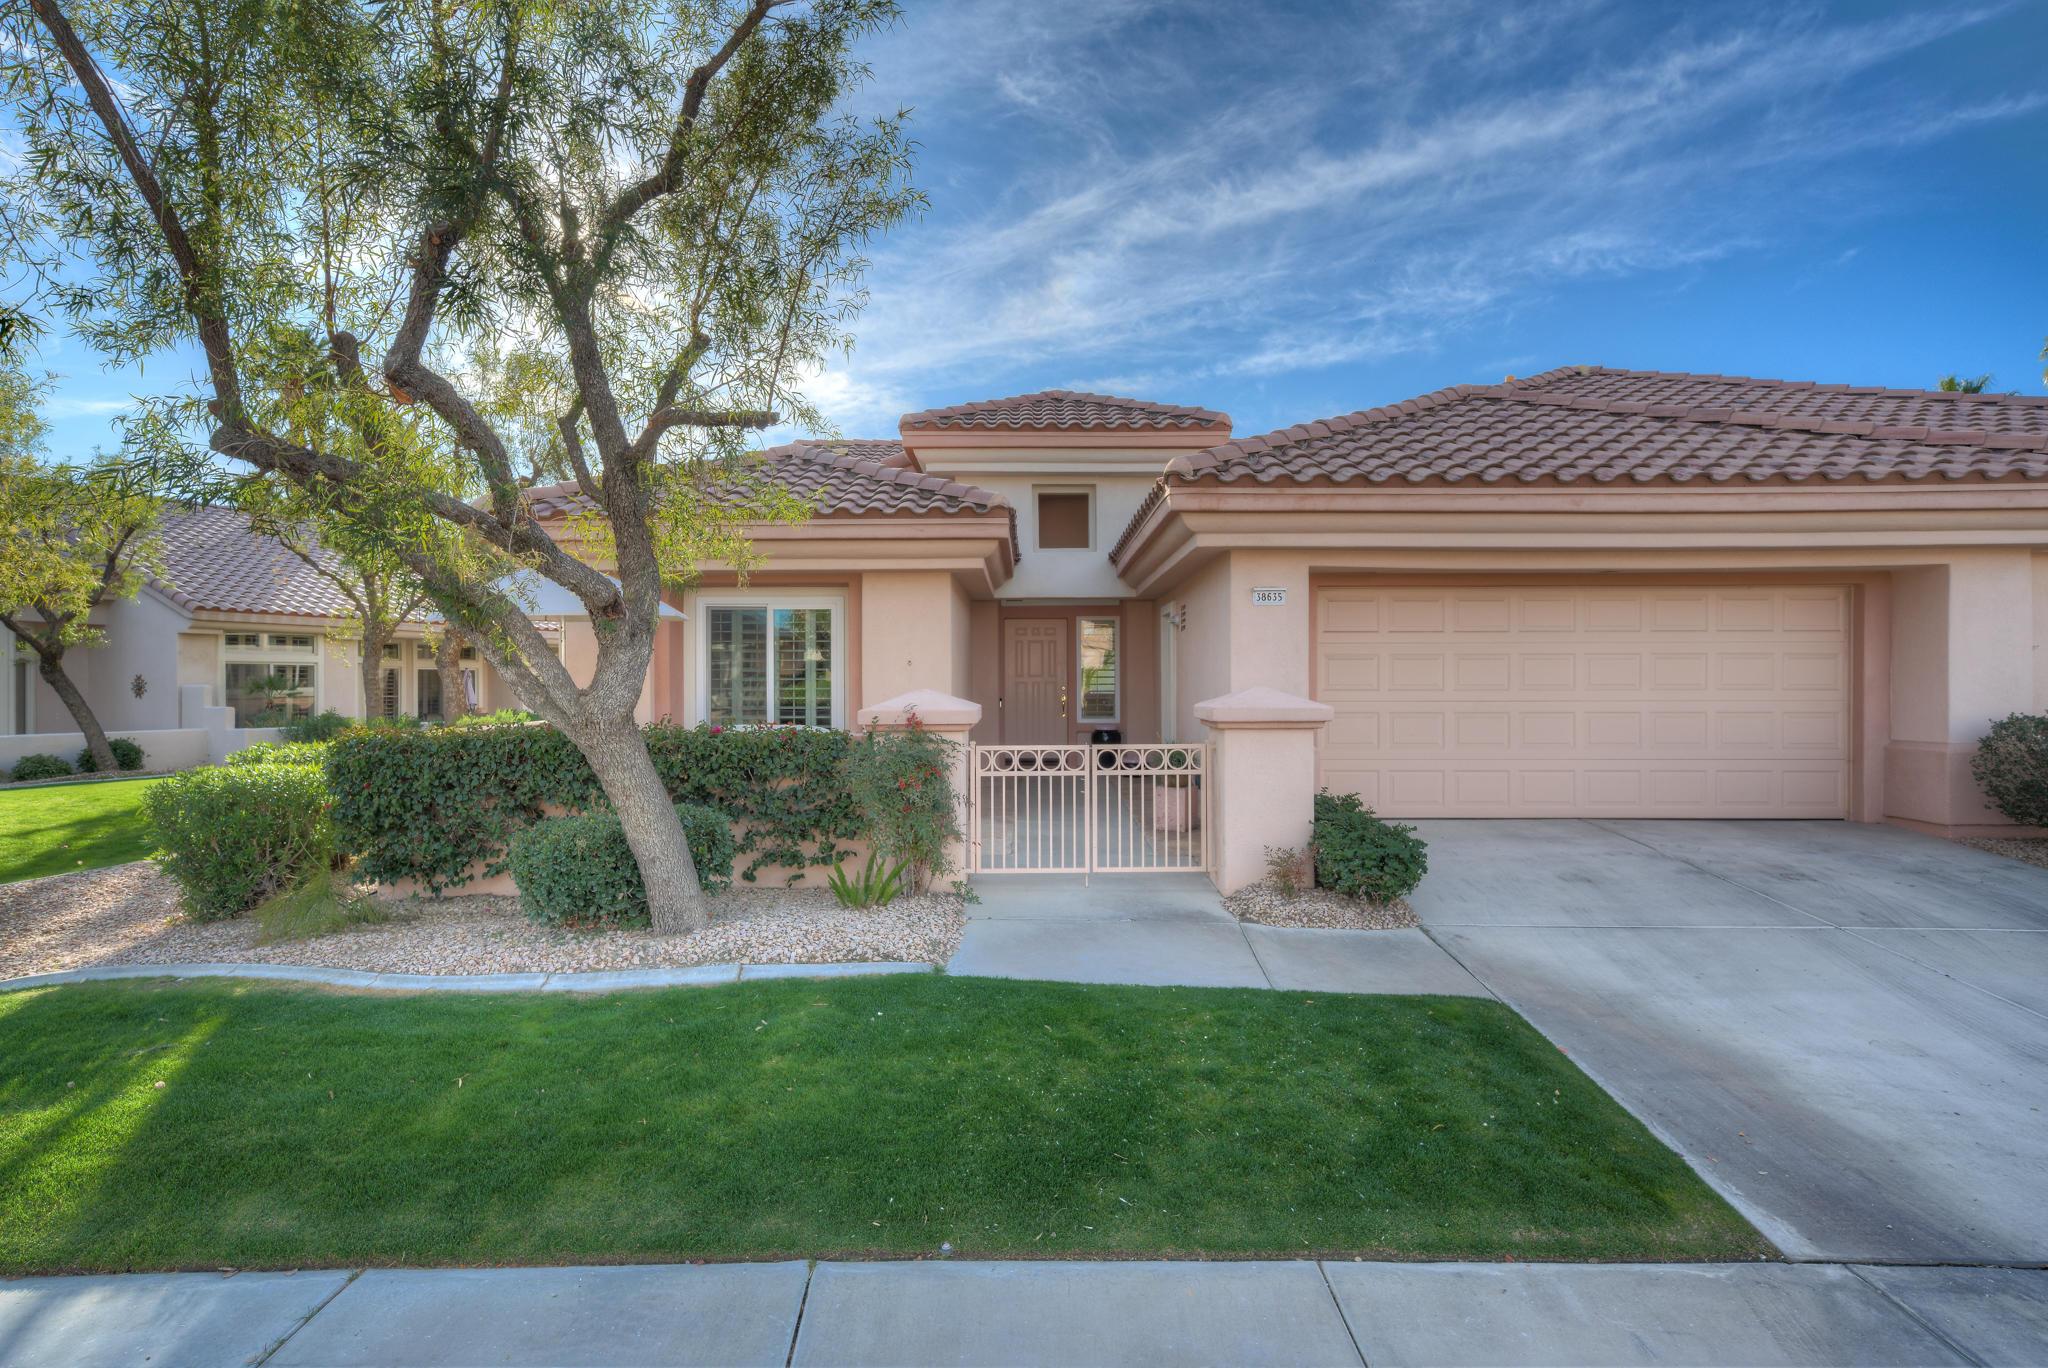 Photo of 38635 Orangecrest Road, Palm Desert, CA 92211